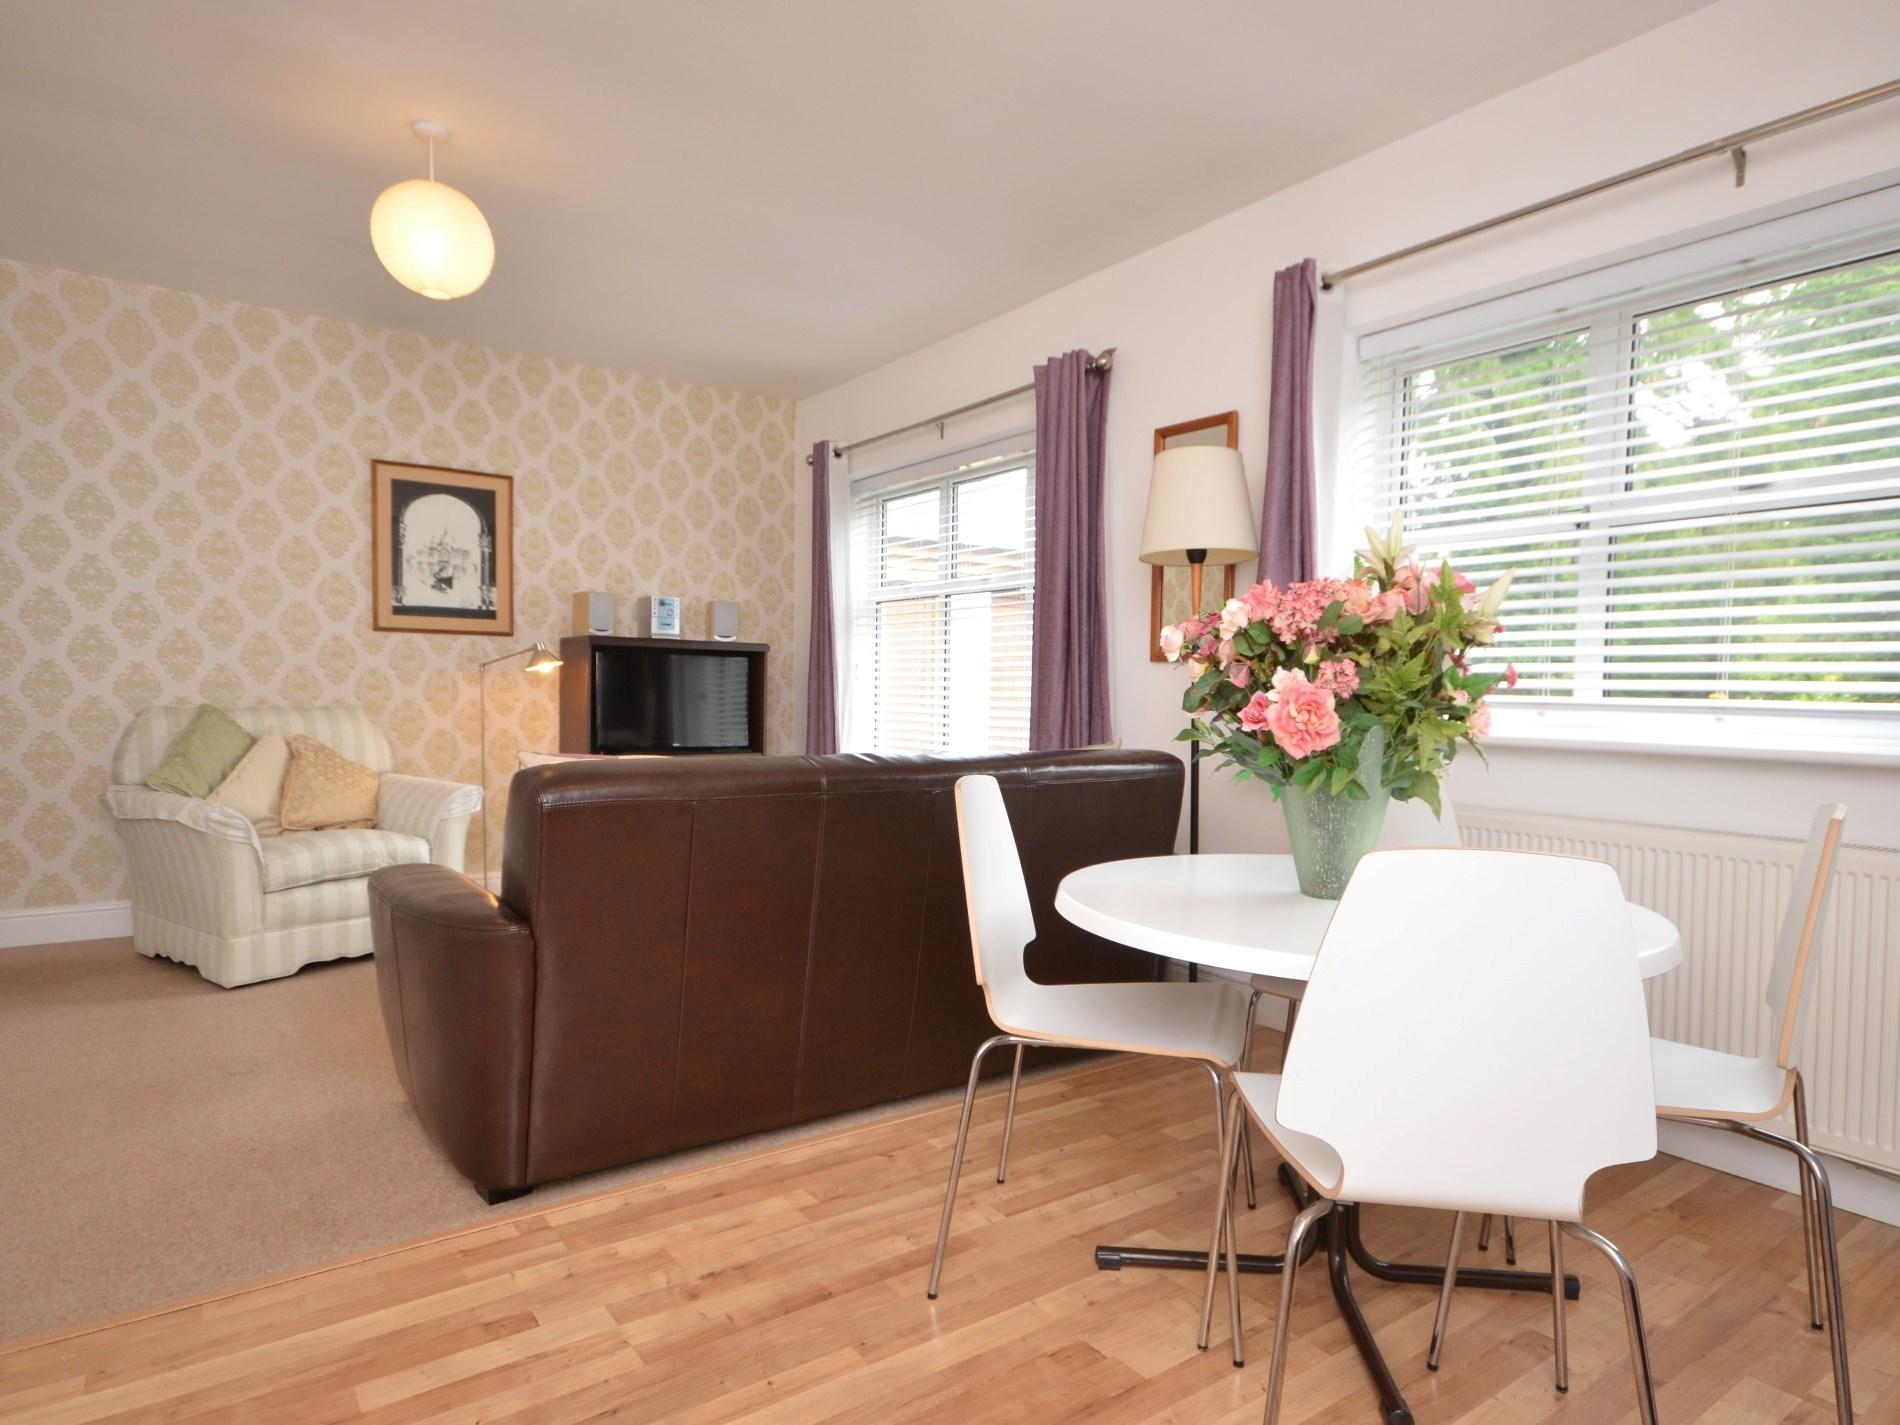 Lovely open plan living area